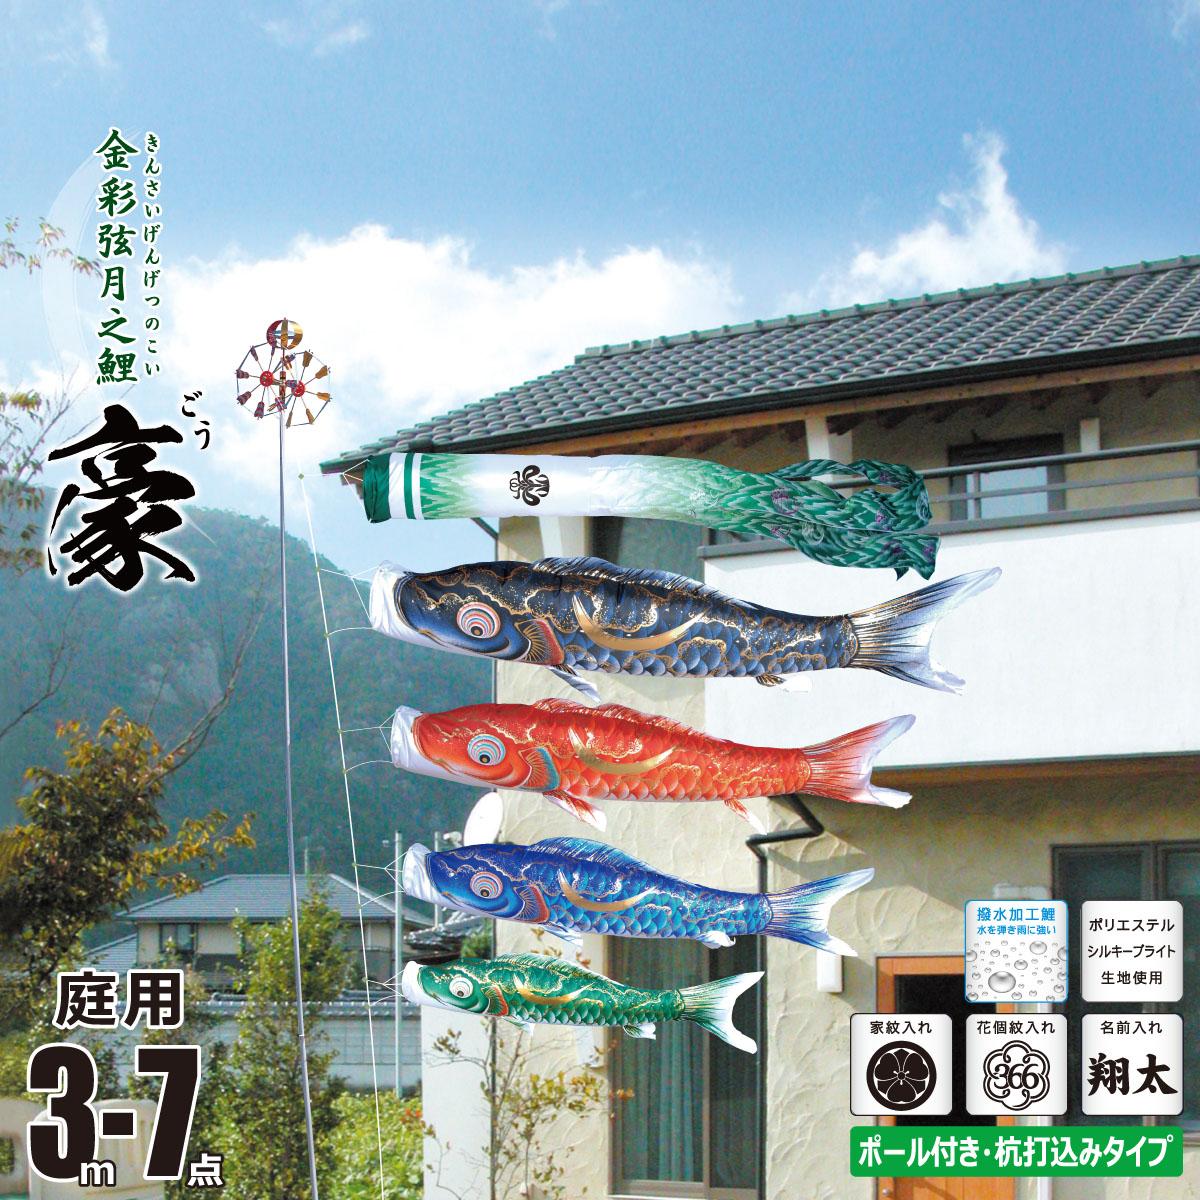 こいのぼり 3m 豪(ごう) 7点 (矢車、ロープ、吹流し、鯉4匹) 庭園用 ガーデンセット (専用ポール一式) 徳永鯉のぼり KIT-115-311